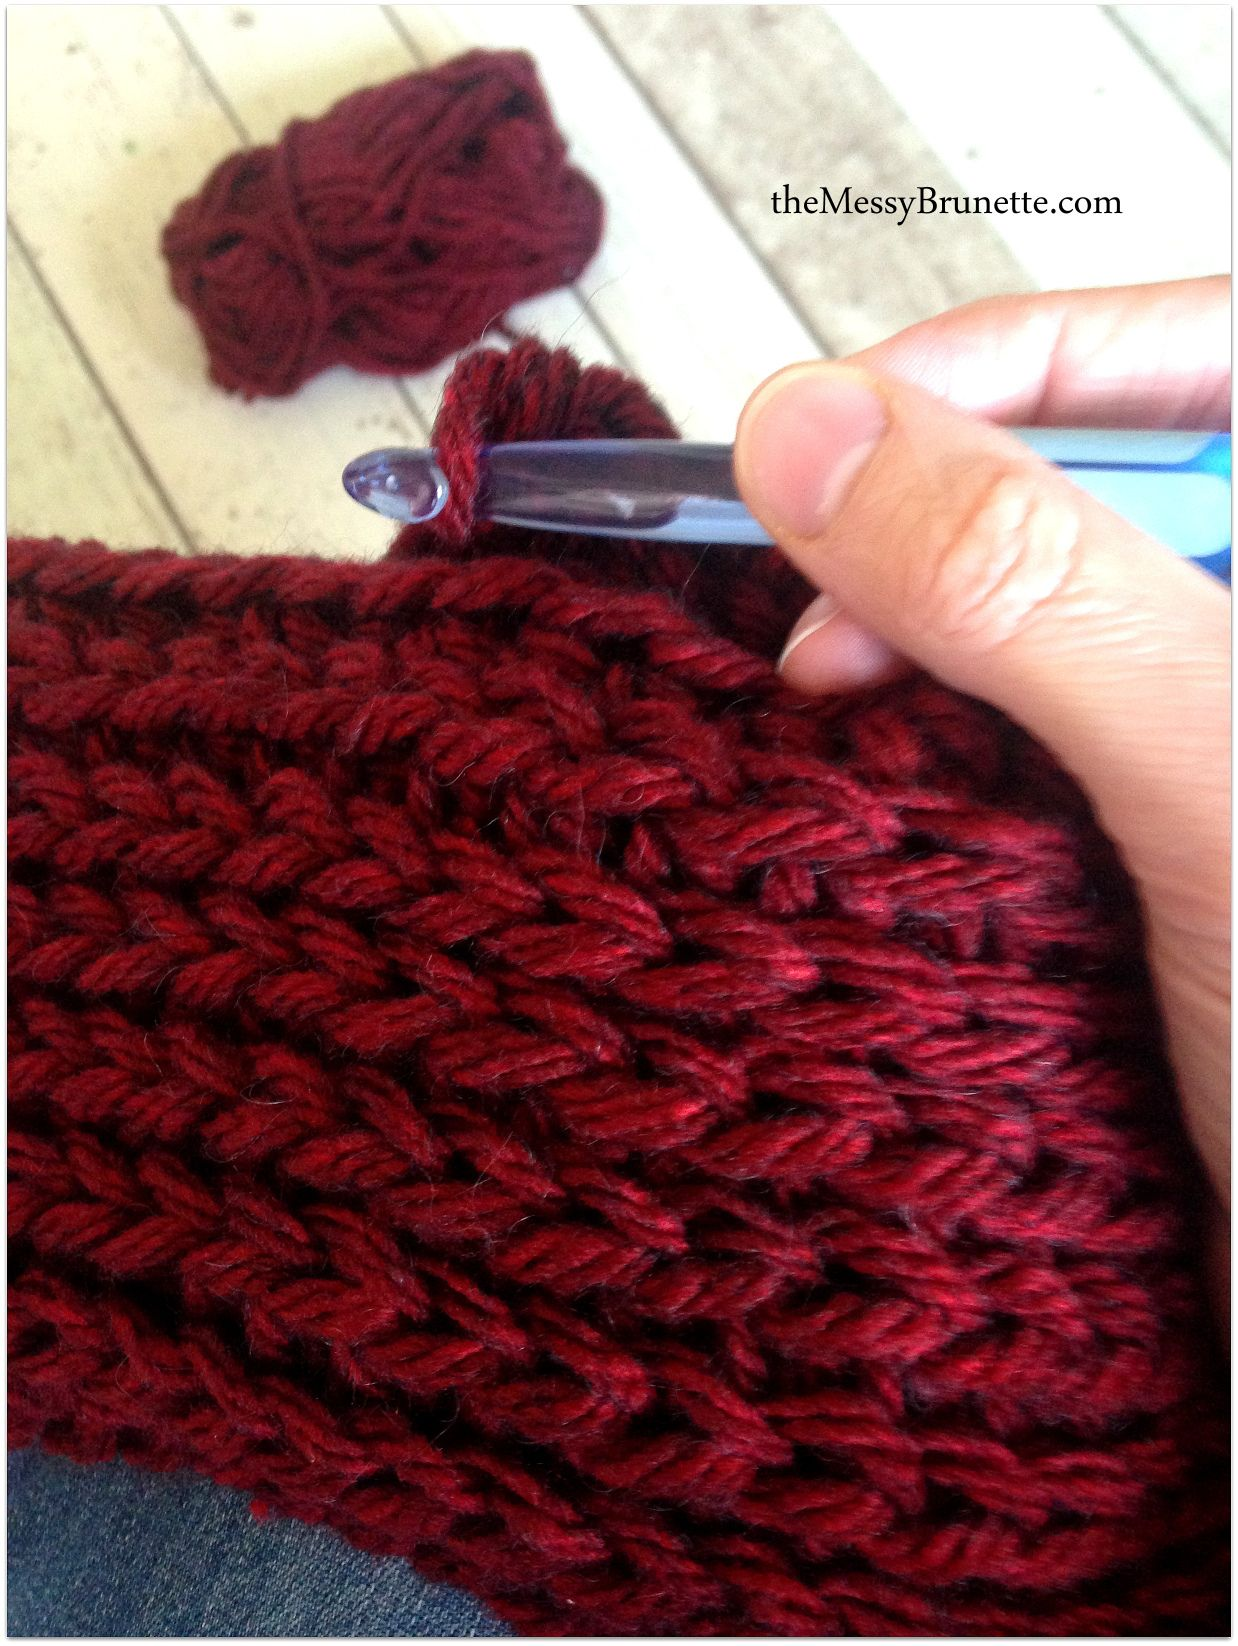 Crochet - the camel stitch or knit stitch | Häkeln | Pinterest ...